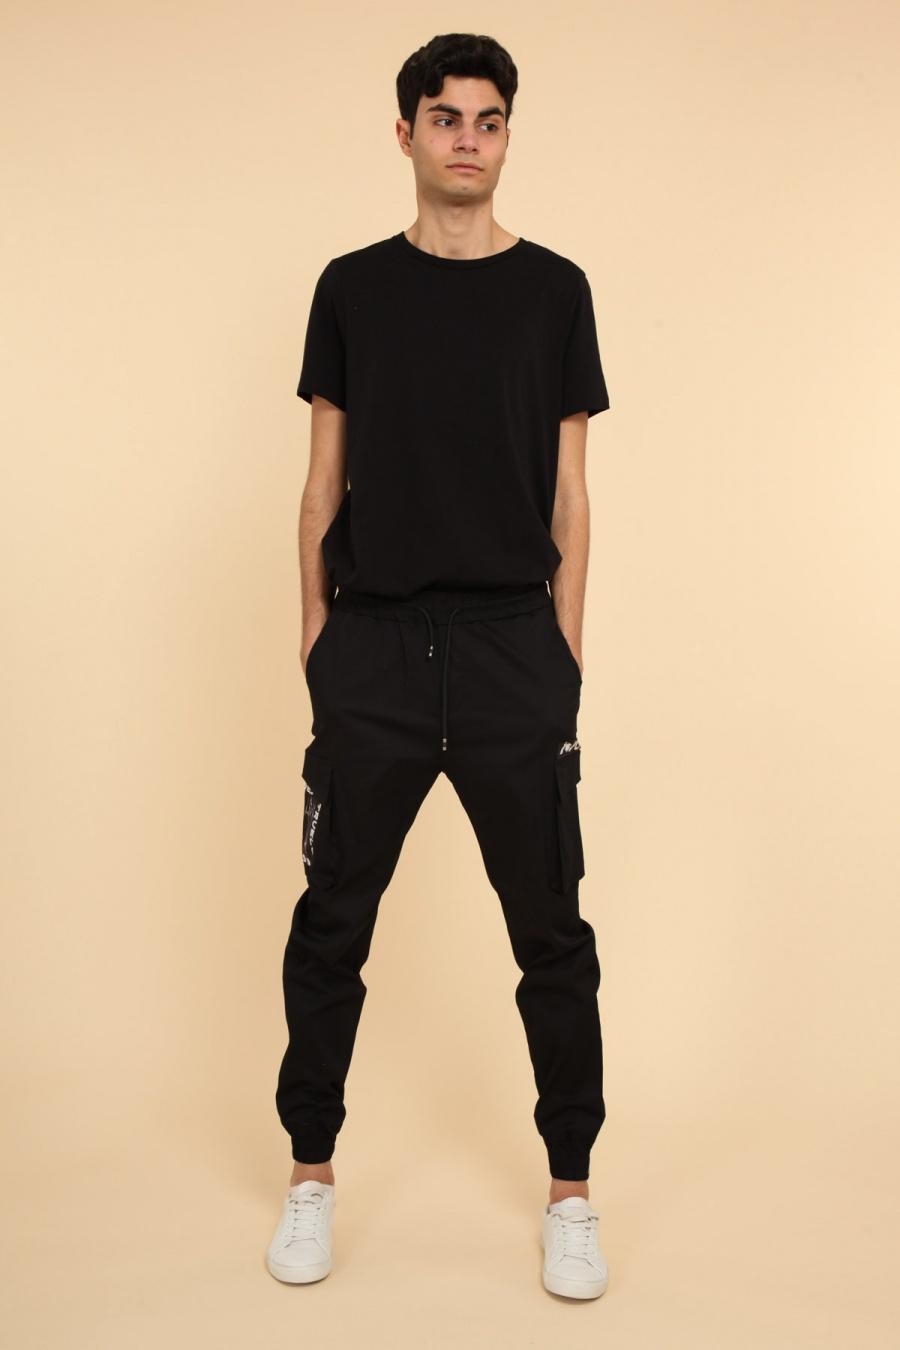 Pantalons Homme Noir AARHON 4-92362 #c eFashion Paris